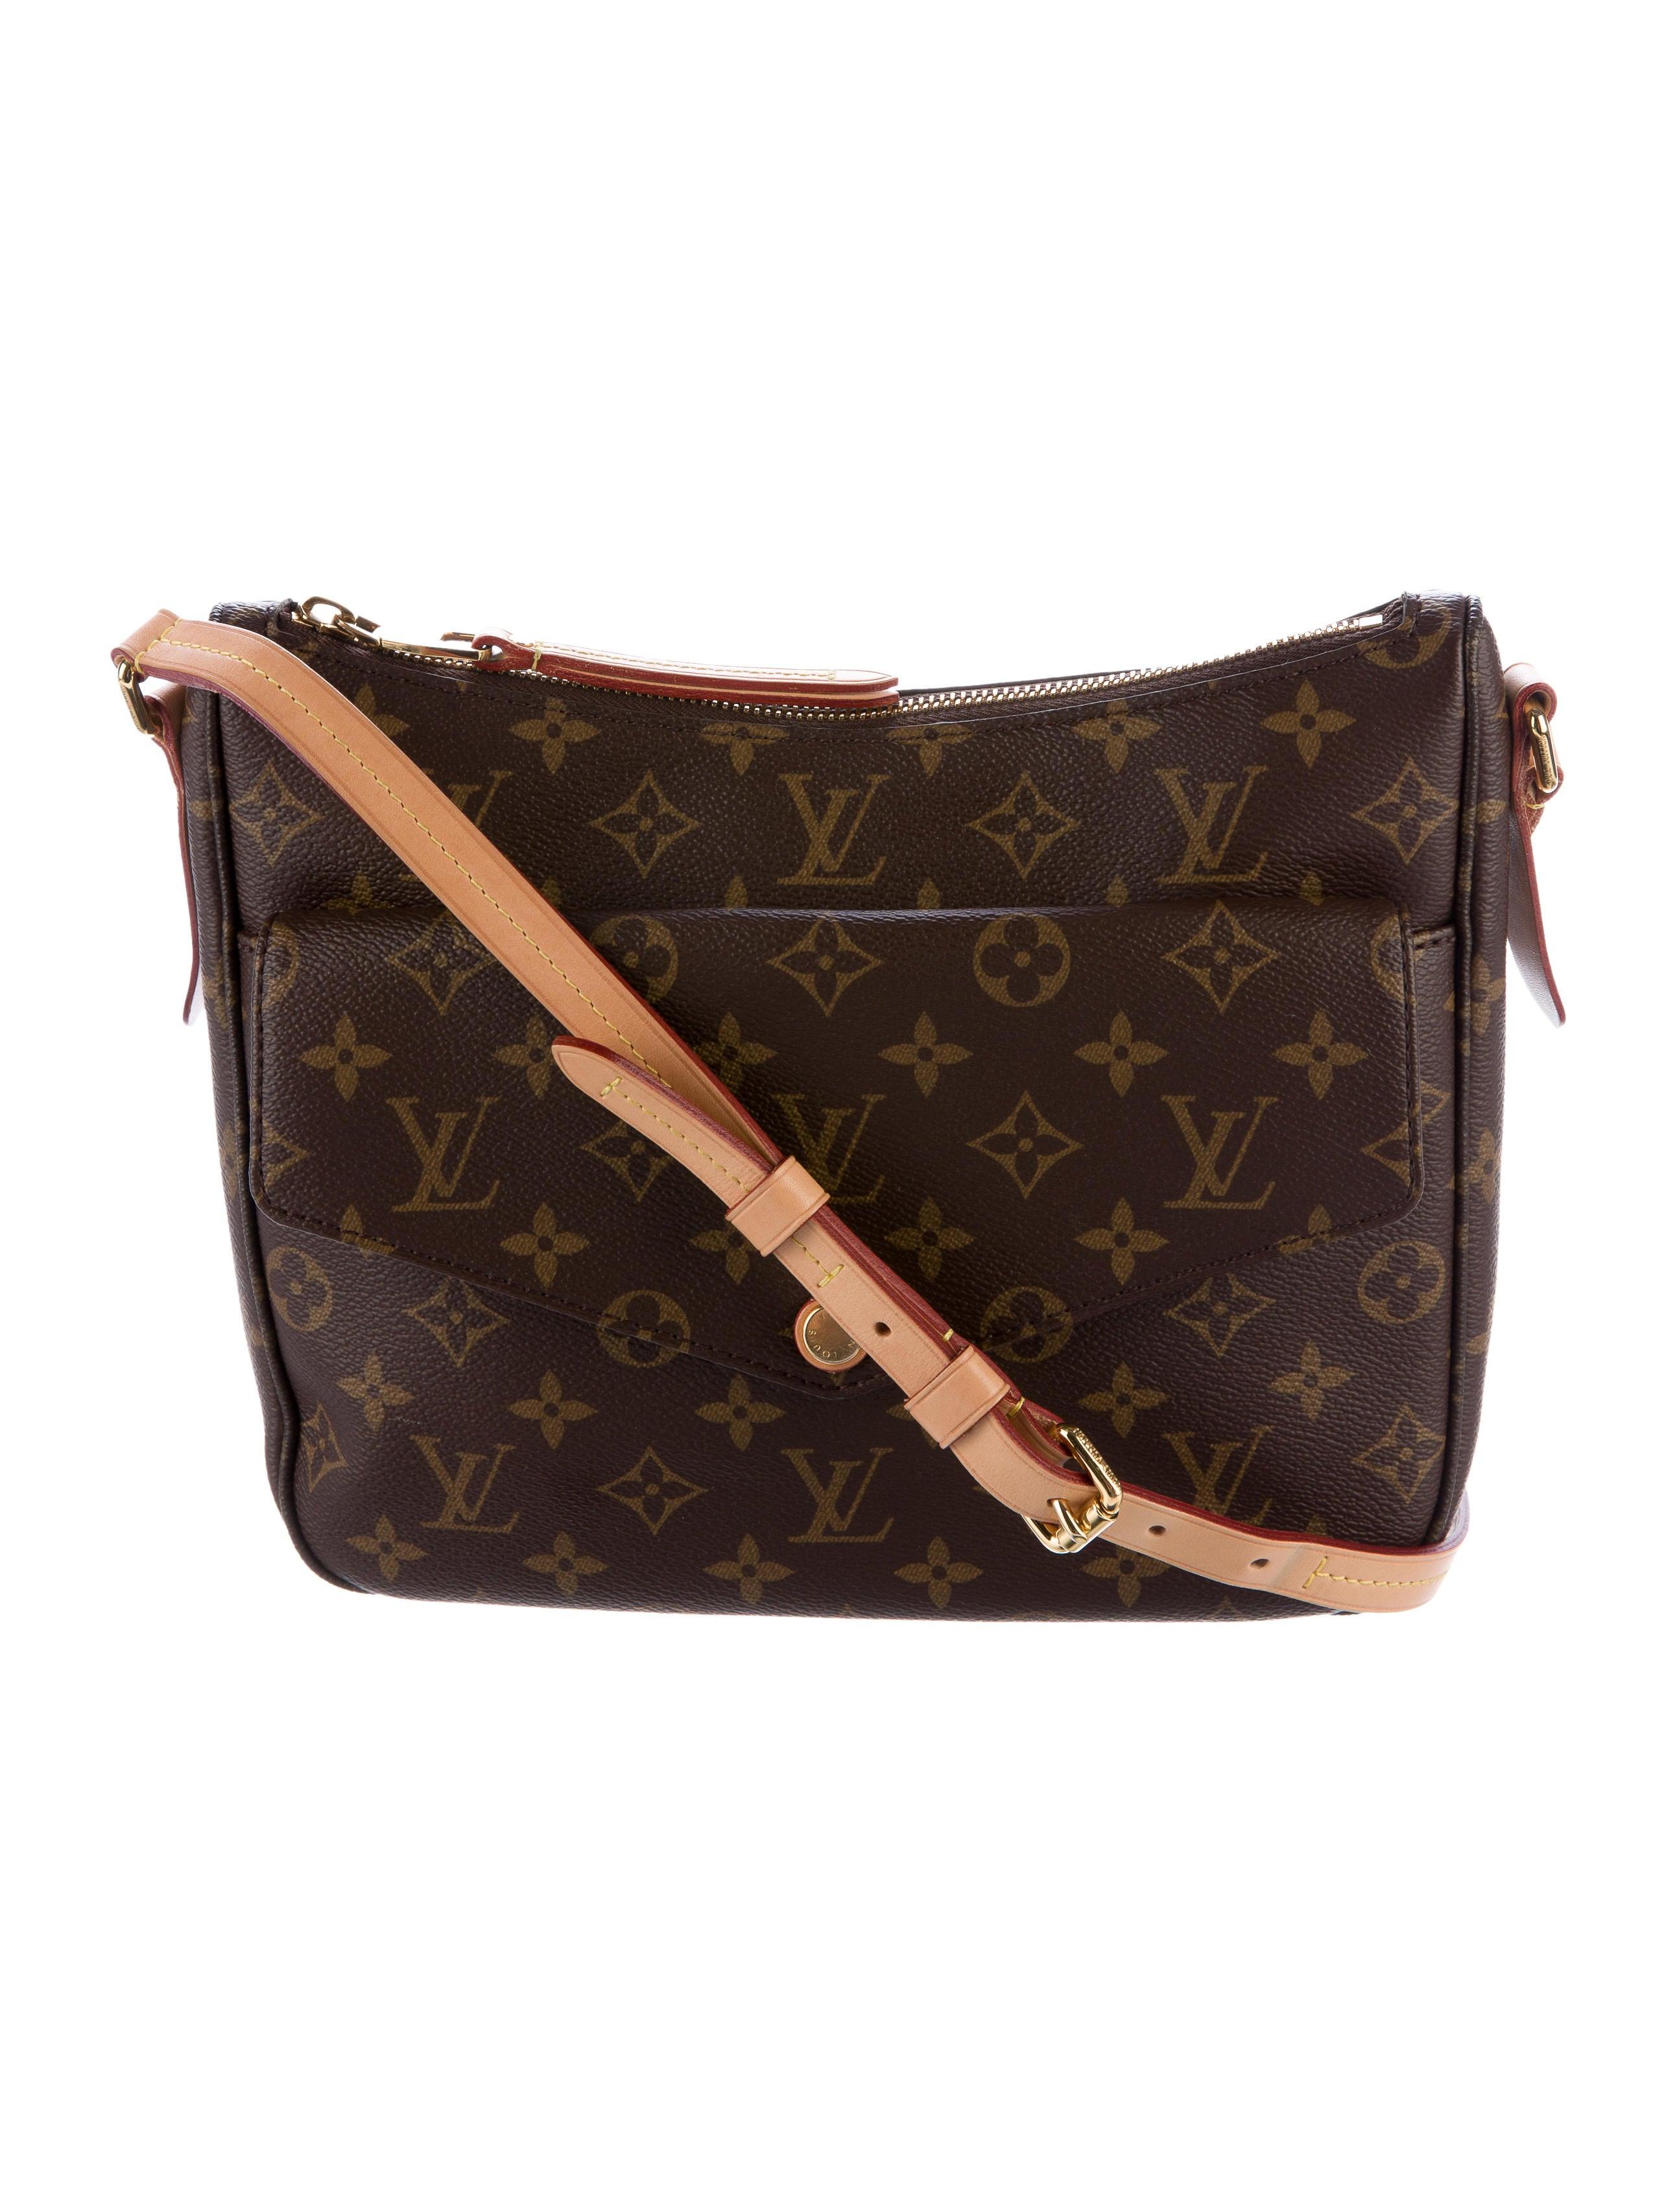 Louis Vuitton 2017 Monogram Mabillon Bag Handbags